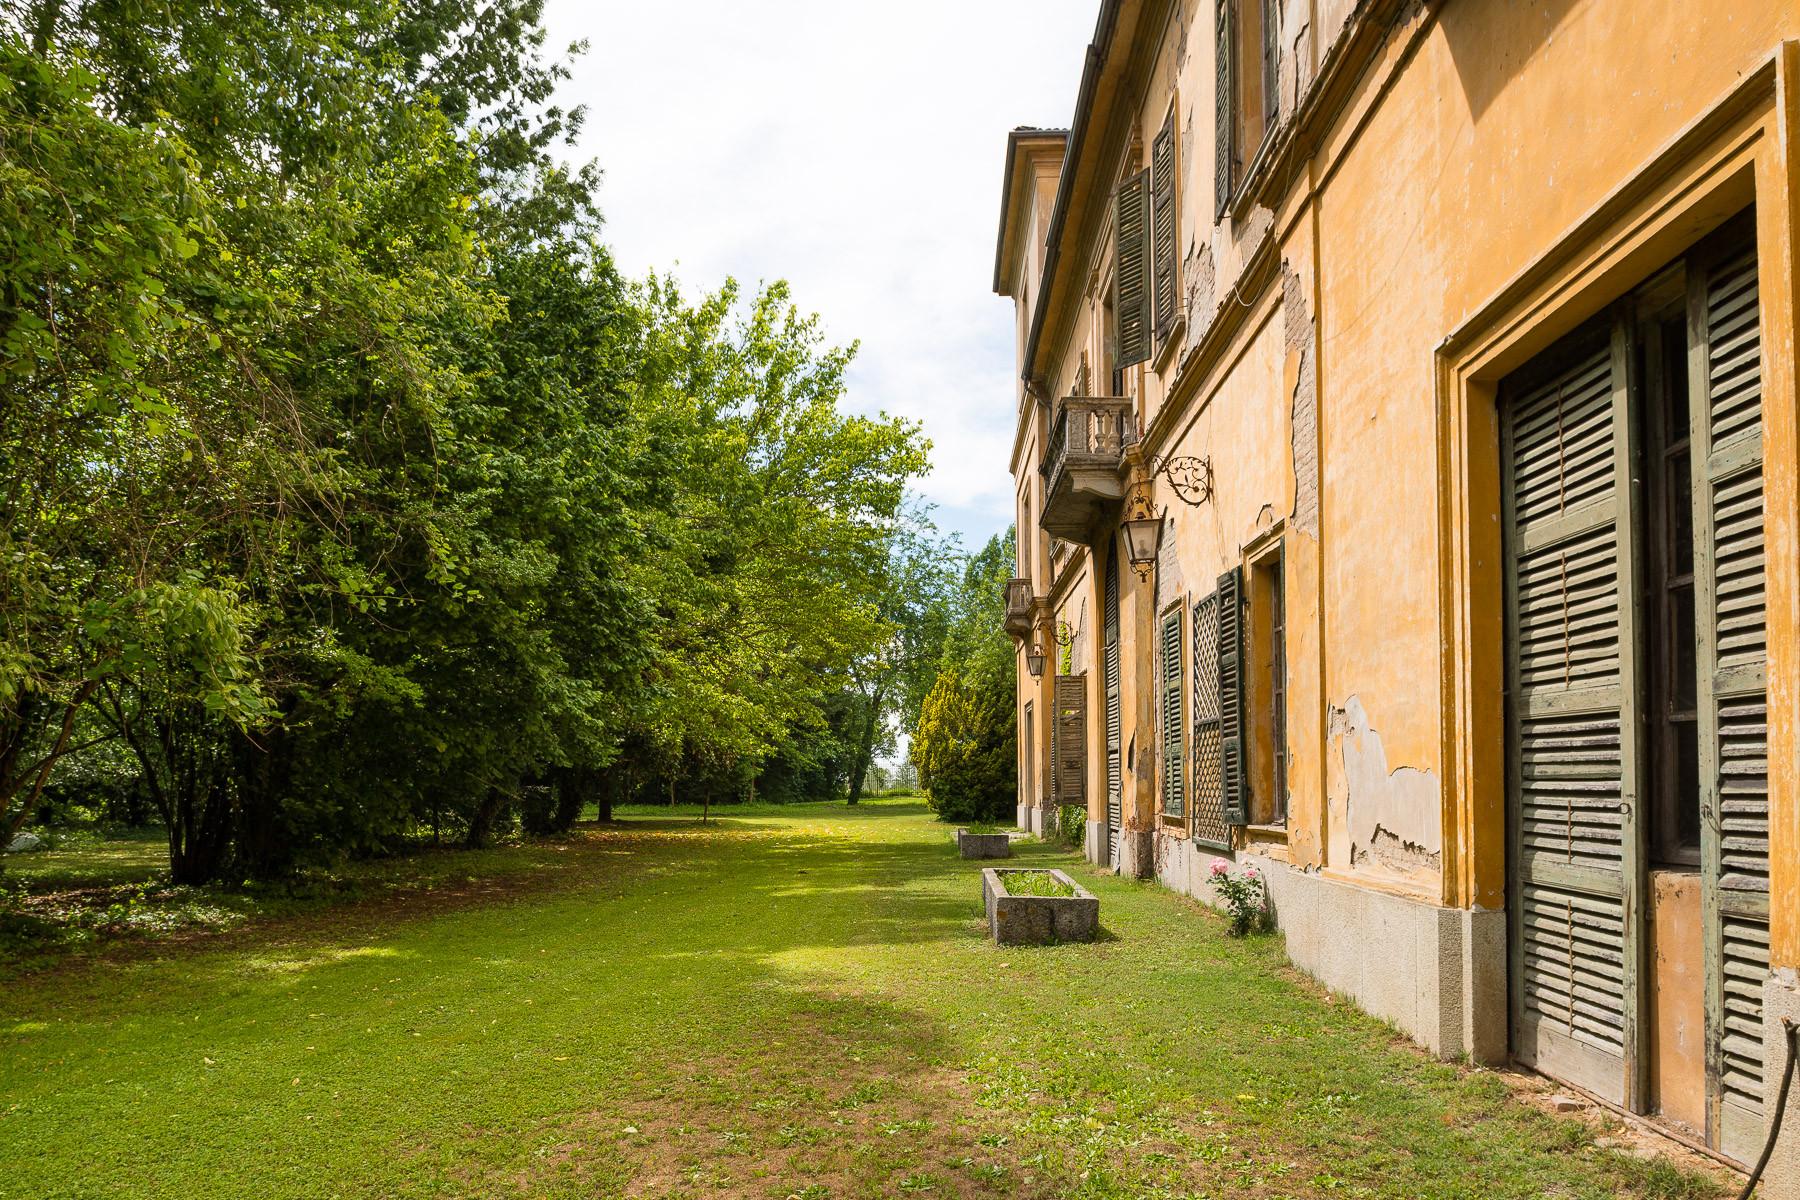 Villa in Vendita a Casalnoceto: 5 locali, 3520 mq - Foto 7